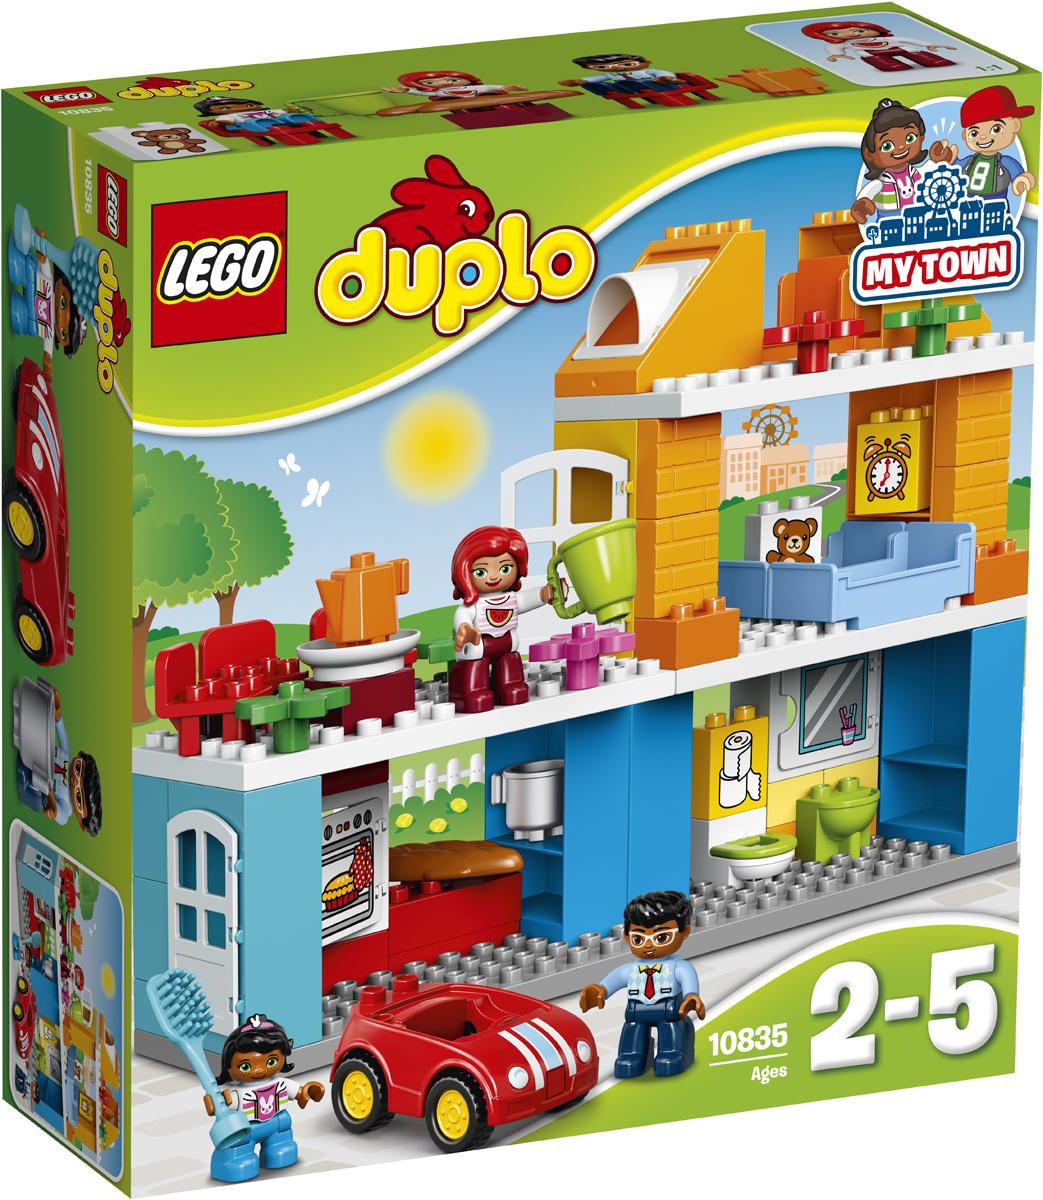 LEGO DUPLO Конструктор Семейный дом 10835